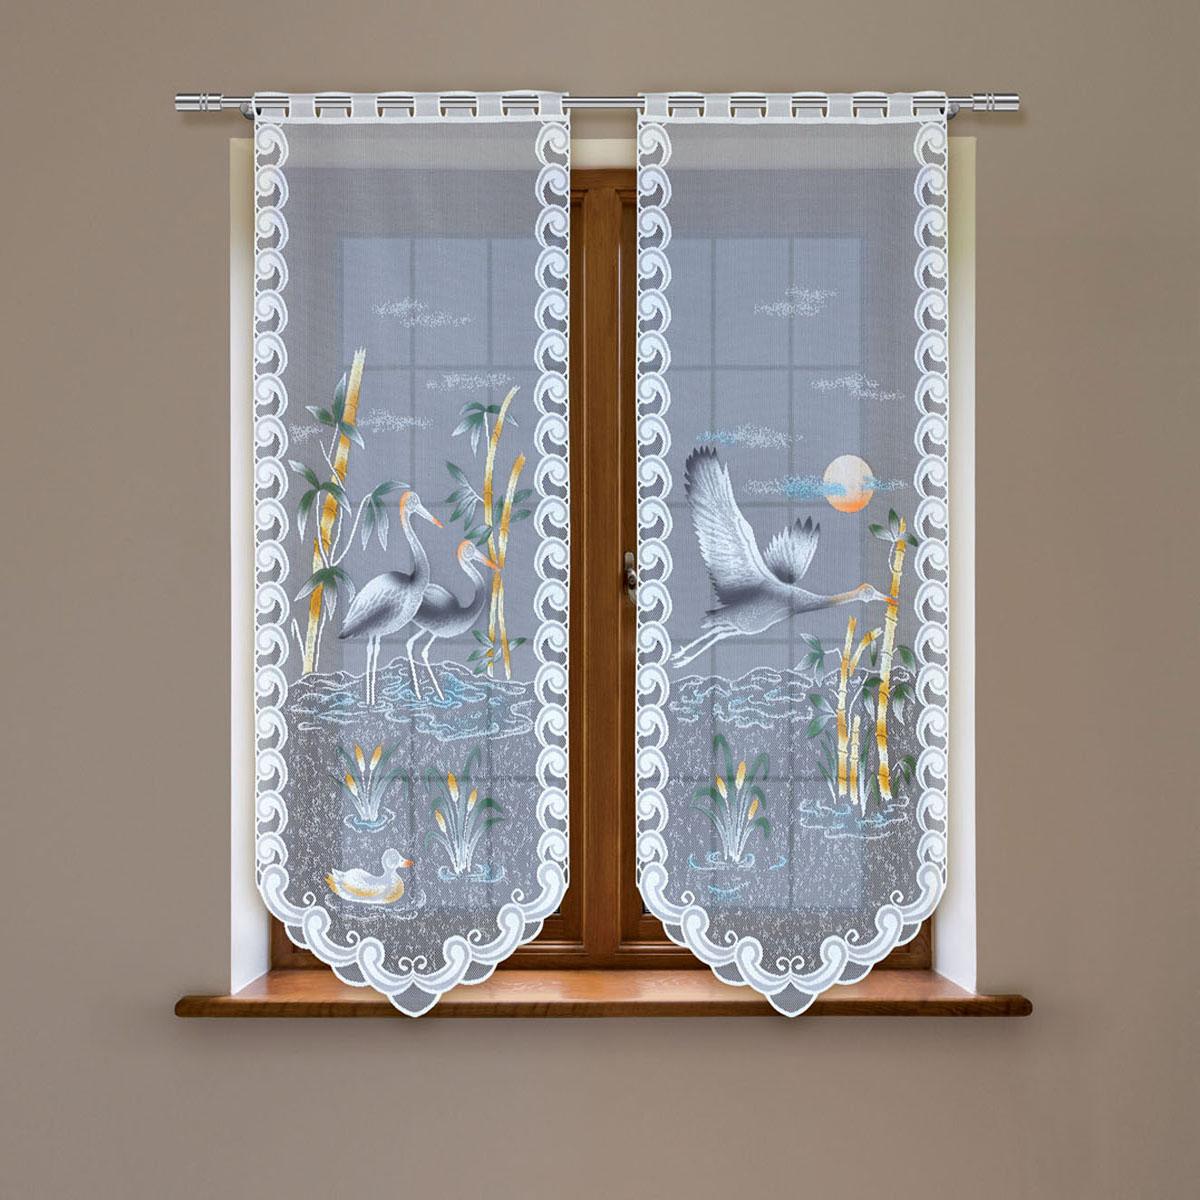 Гардина Haft, цвет: белый, высота 120 см. 4247D/604247D/60Гардина имеет в верхней части полотна прорези, через которые гардина-витраж вывешивается на карниз или можно крепить на зажим для штор,котрый в комплект не входит.Комплект состоит из двух полотен (выс.120* шир.60) Размеры: (высота 120* ширина 60)*2